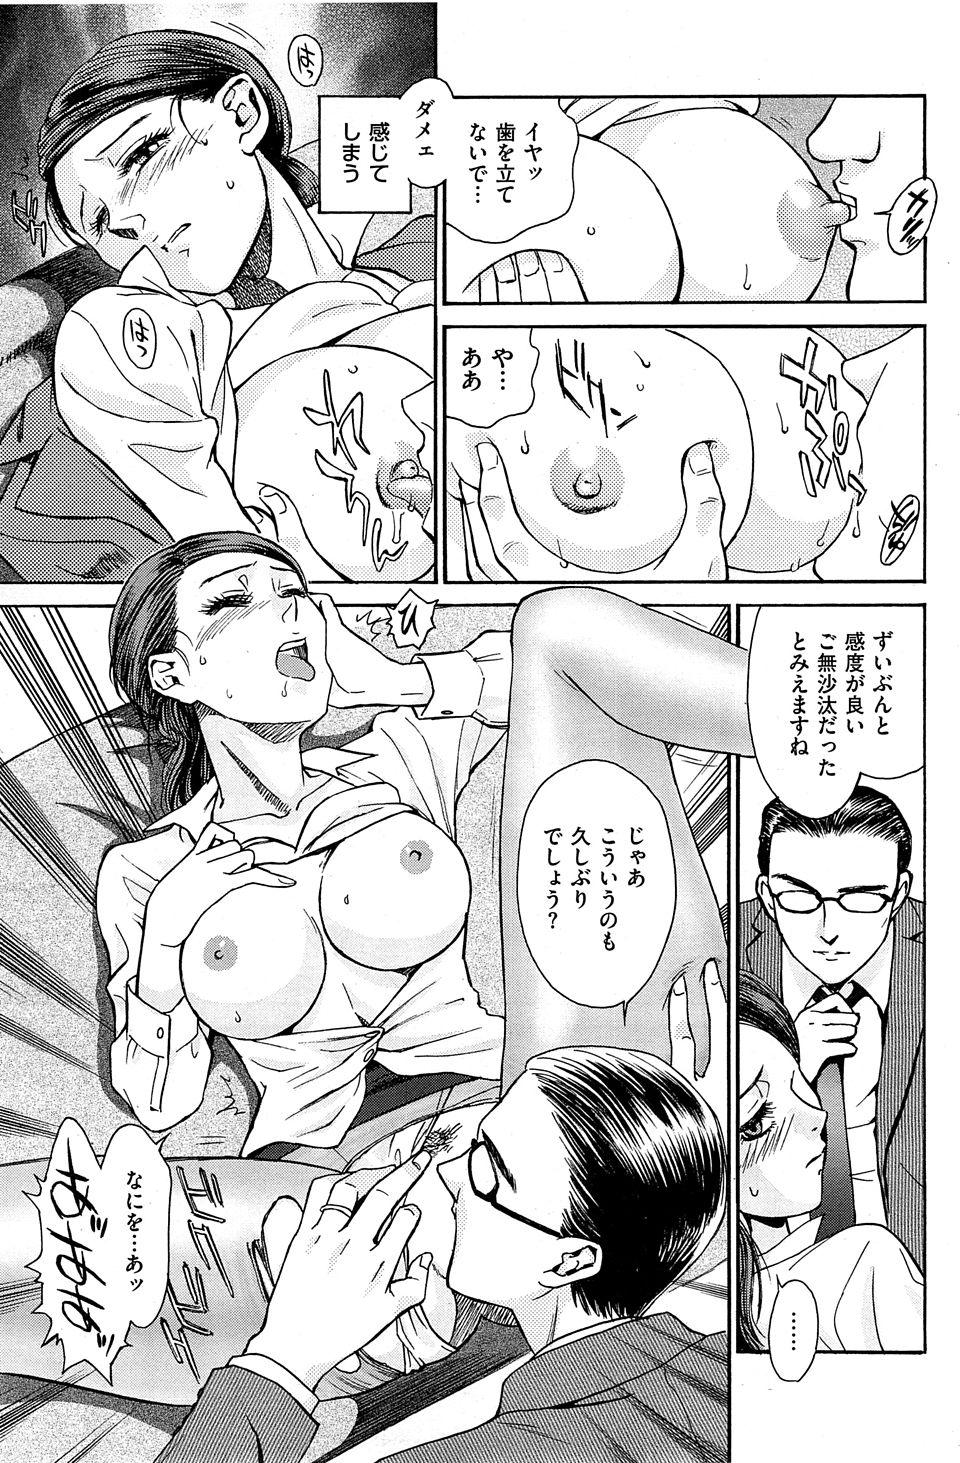 【エロ漫画・エロ同人誌】非常勤講師の巨乳人妻が契約更新の為にエッチしてるwww [ふじいあきこ] 牝の時間 FILE:01 (9)